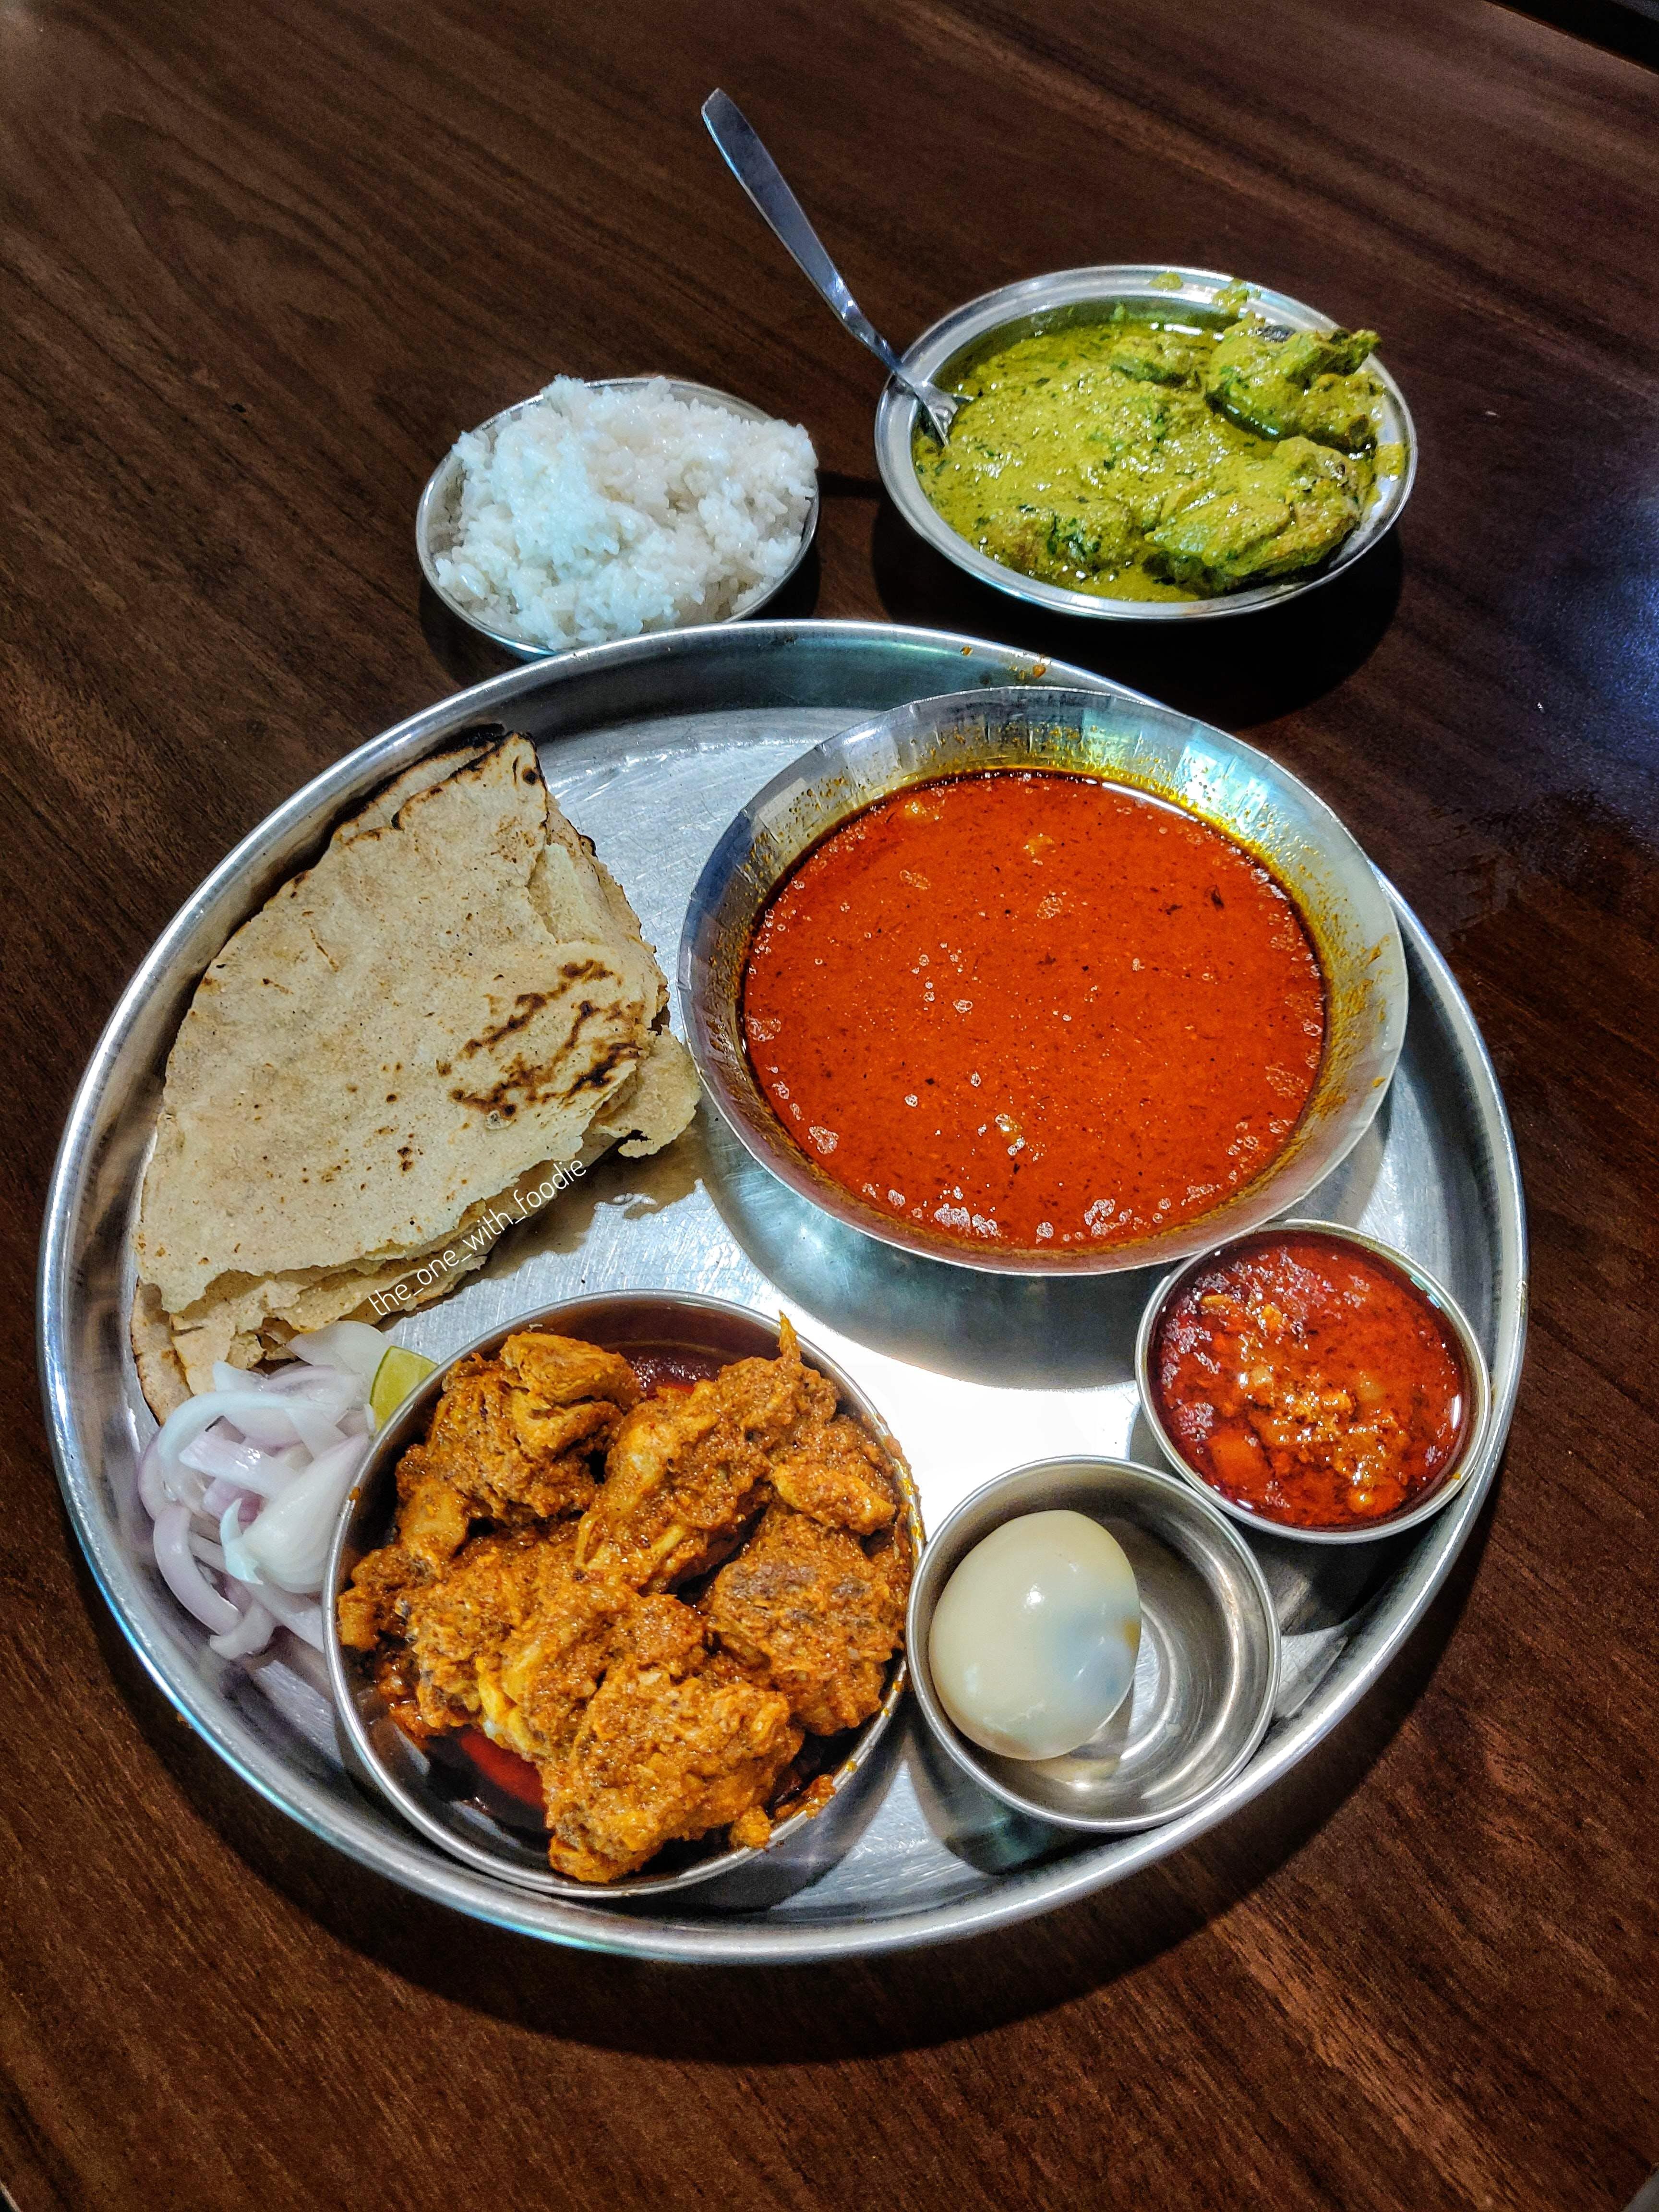 Dish,Food,Cuisine,Ingredient,Muhammara,Produce,Indian cuisine,Chutney,Punjabi cuisine,Sindhi cuisine